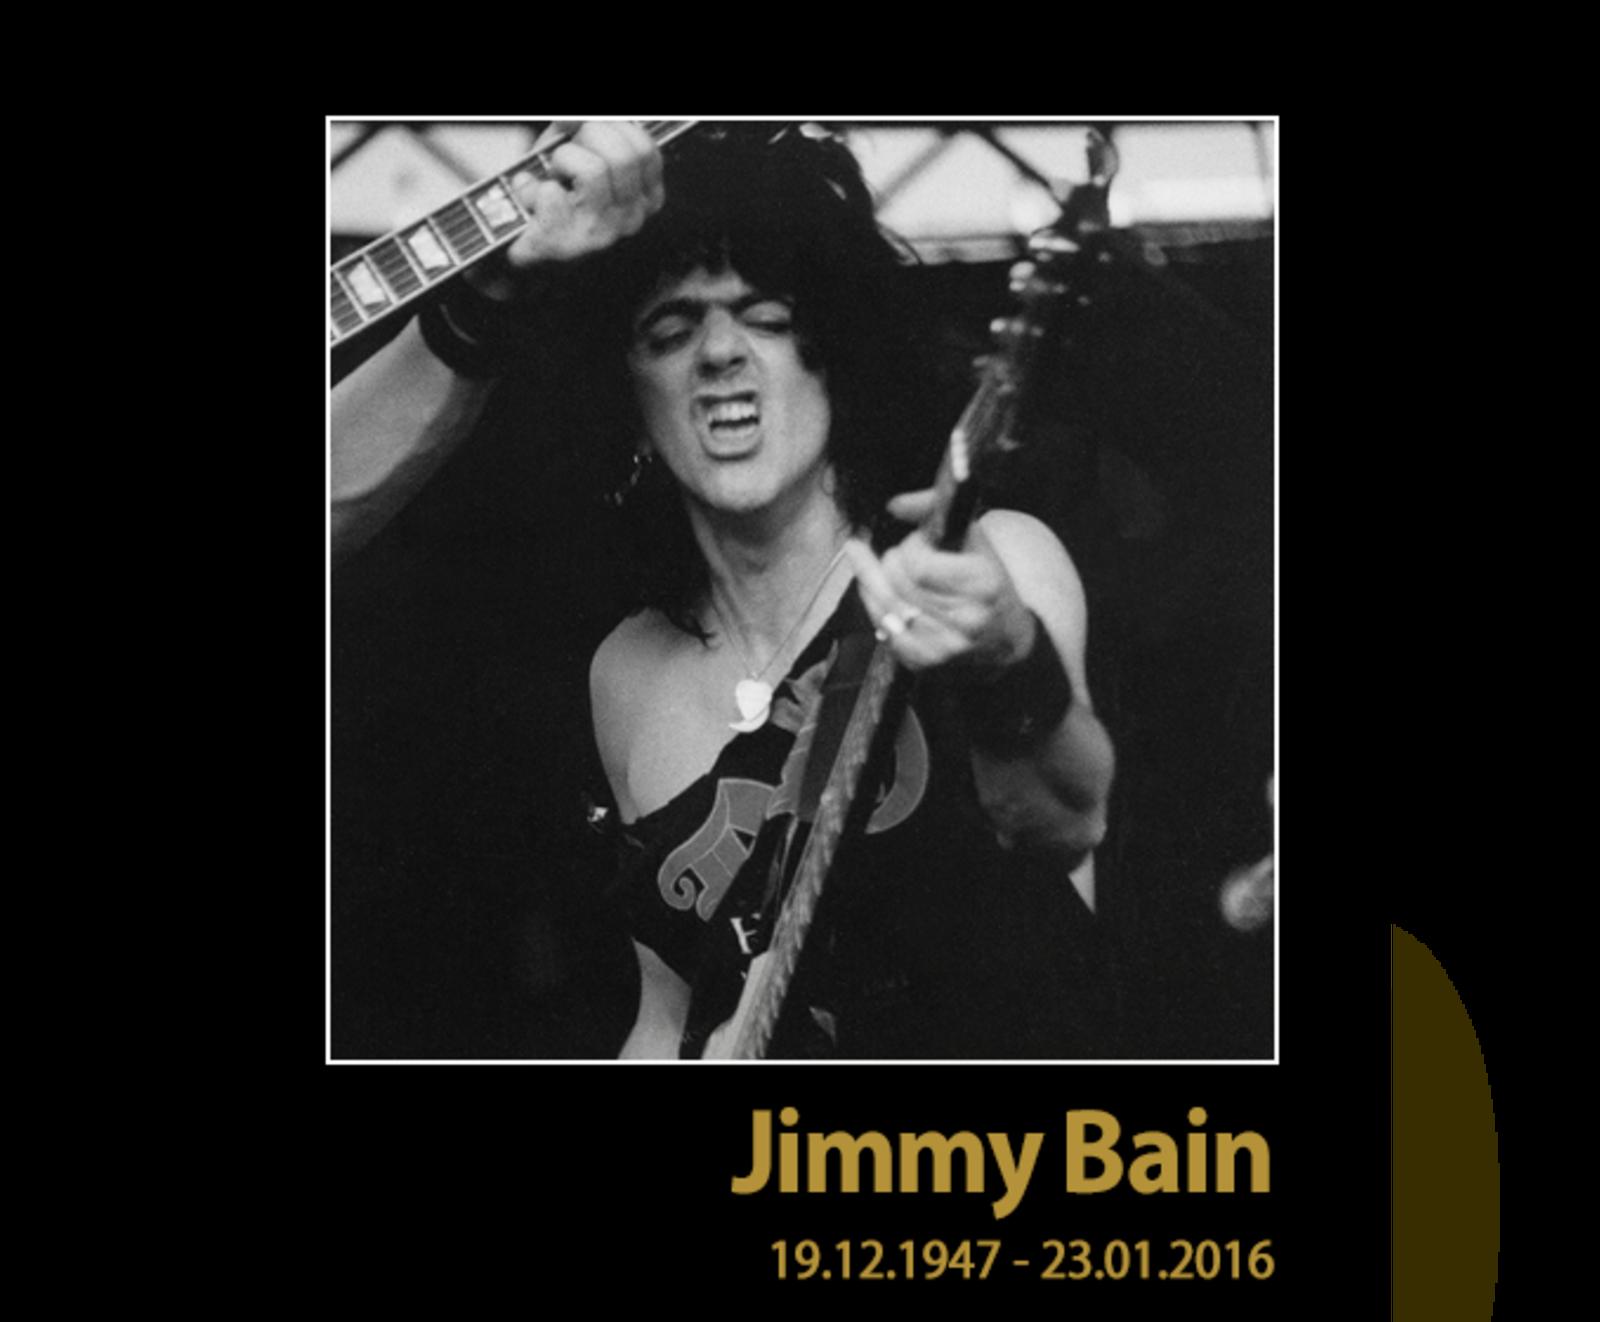 Jimmy Bain